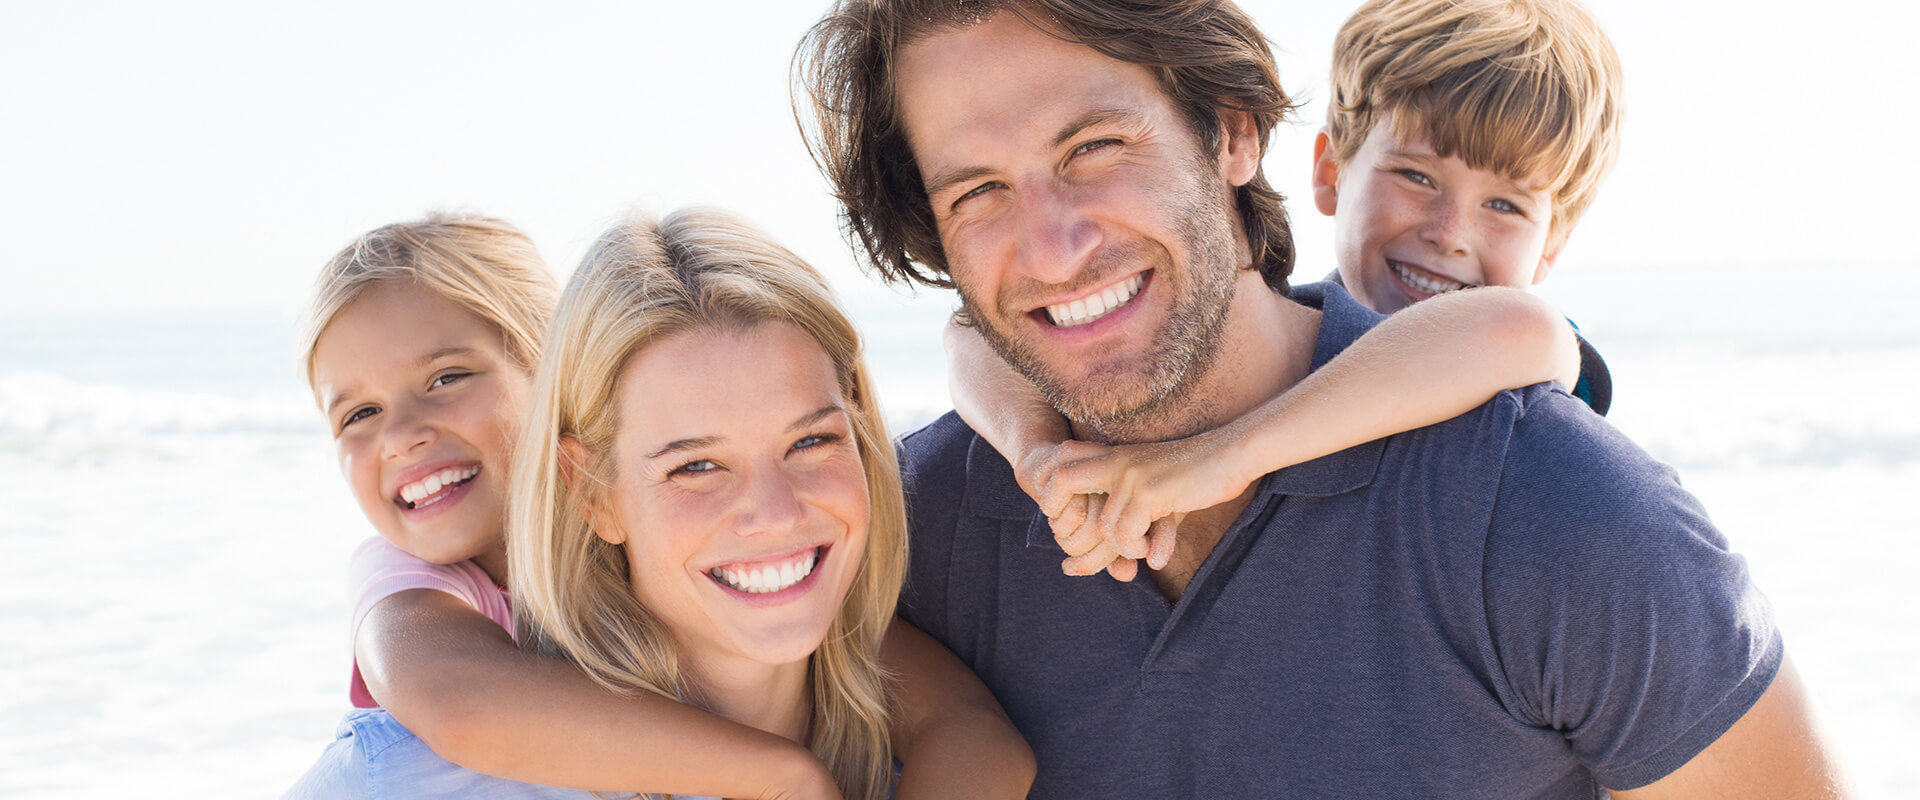 Clareamento Dental Entenda Como Funciona E Melhora A Autoestima